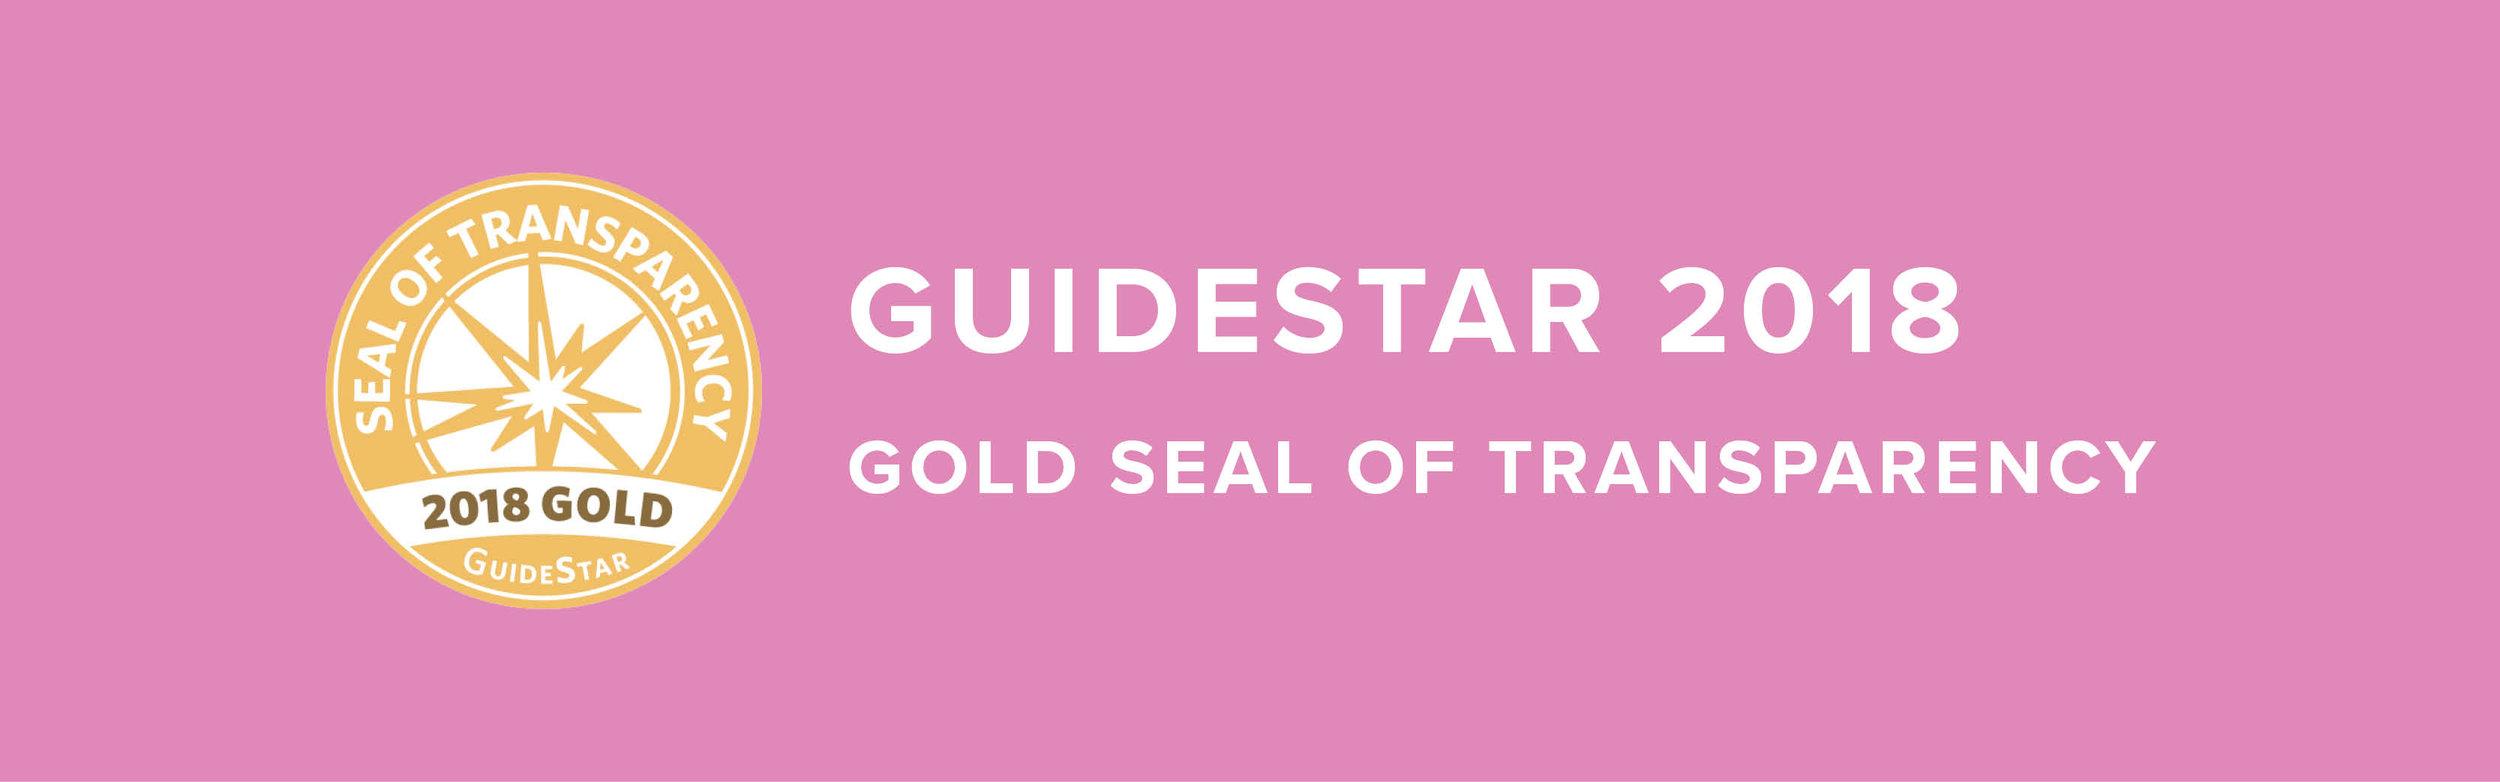 GuideStarBanner.jpg